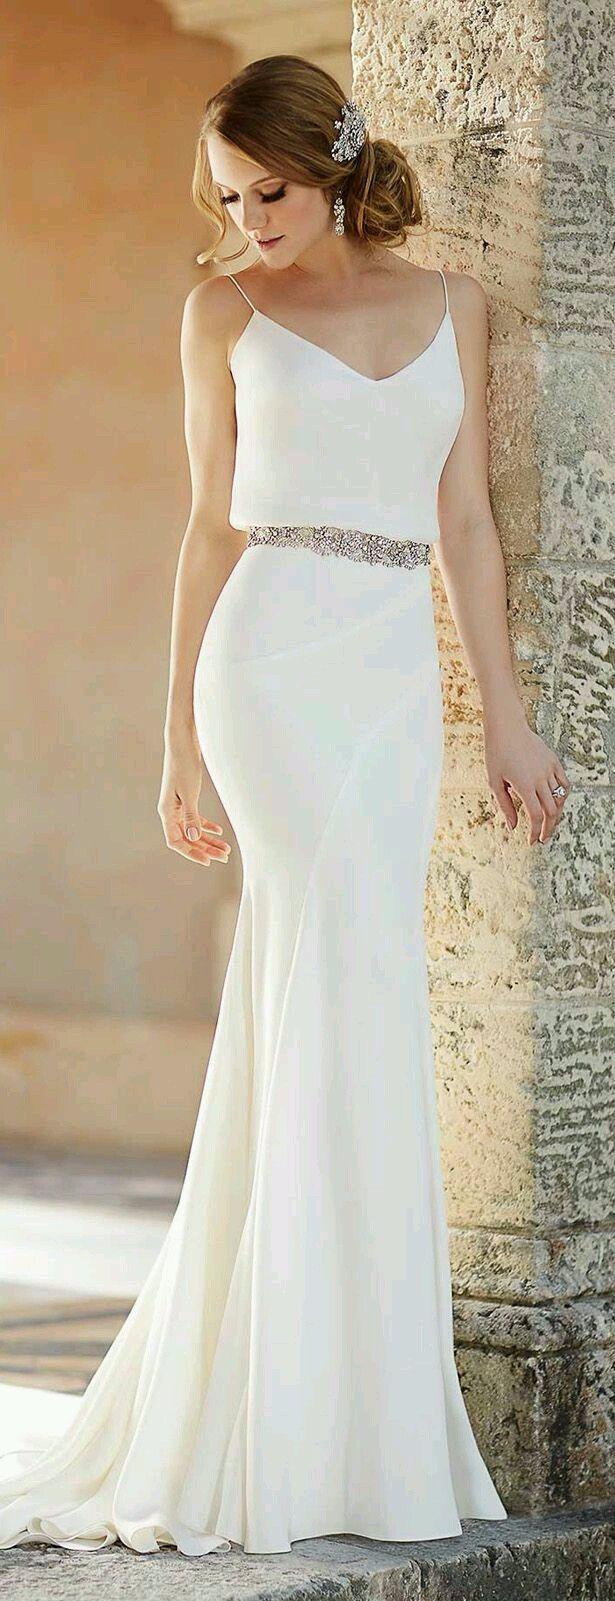 Vestidos para casamento c&a